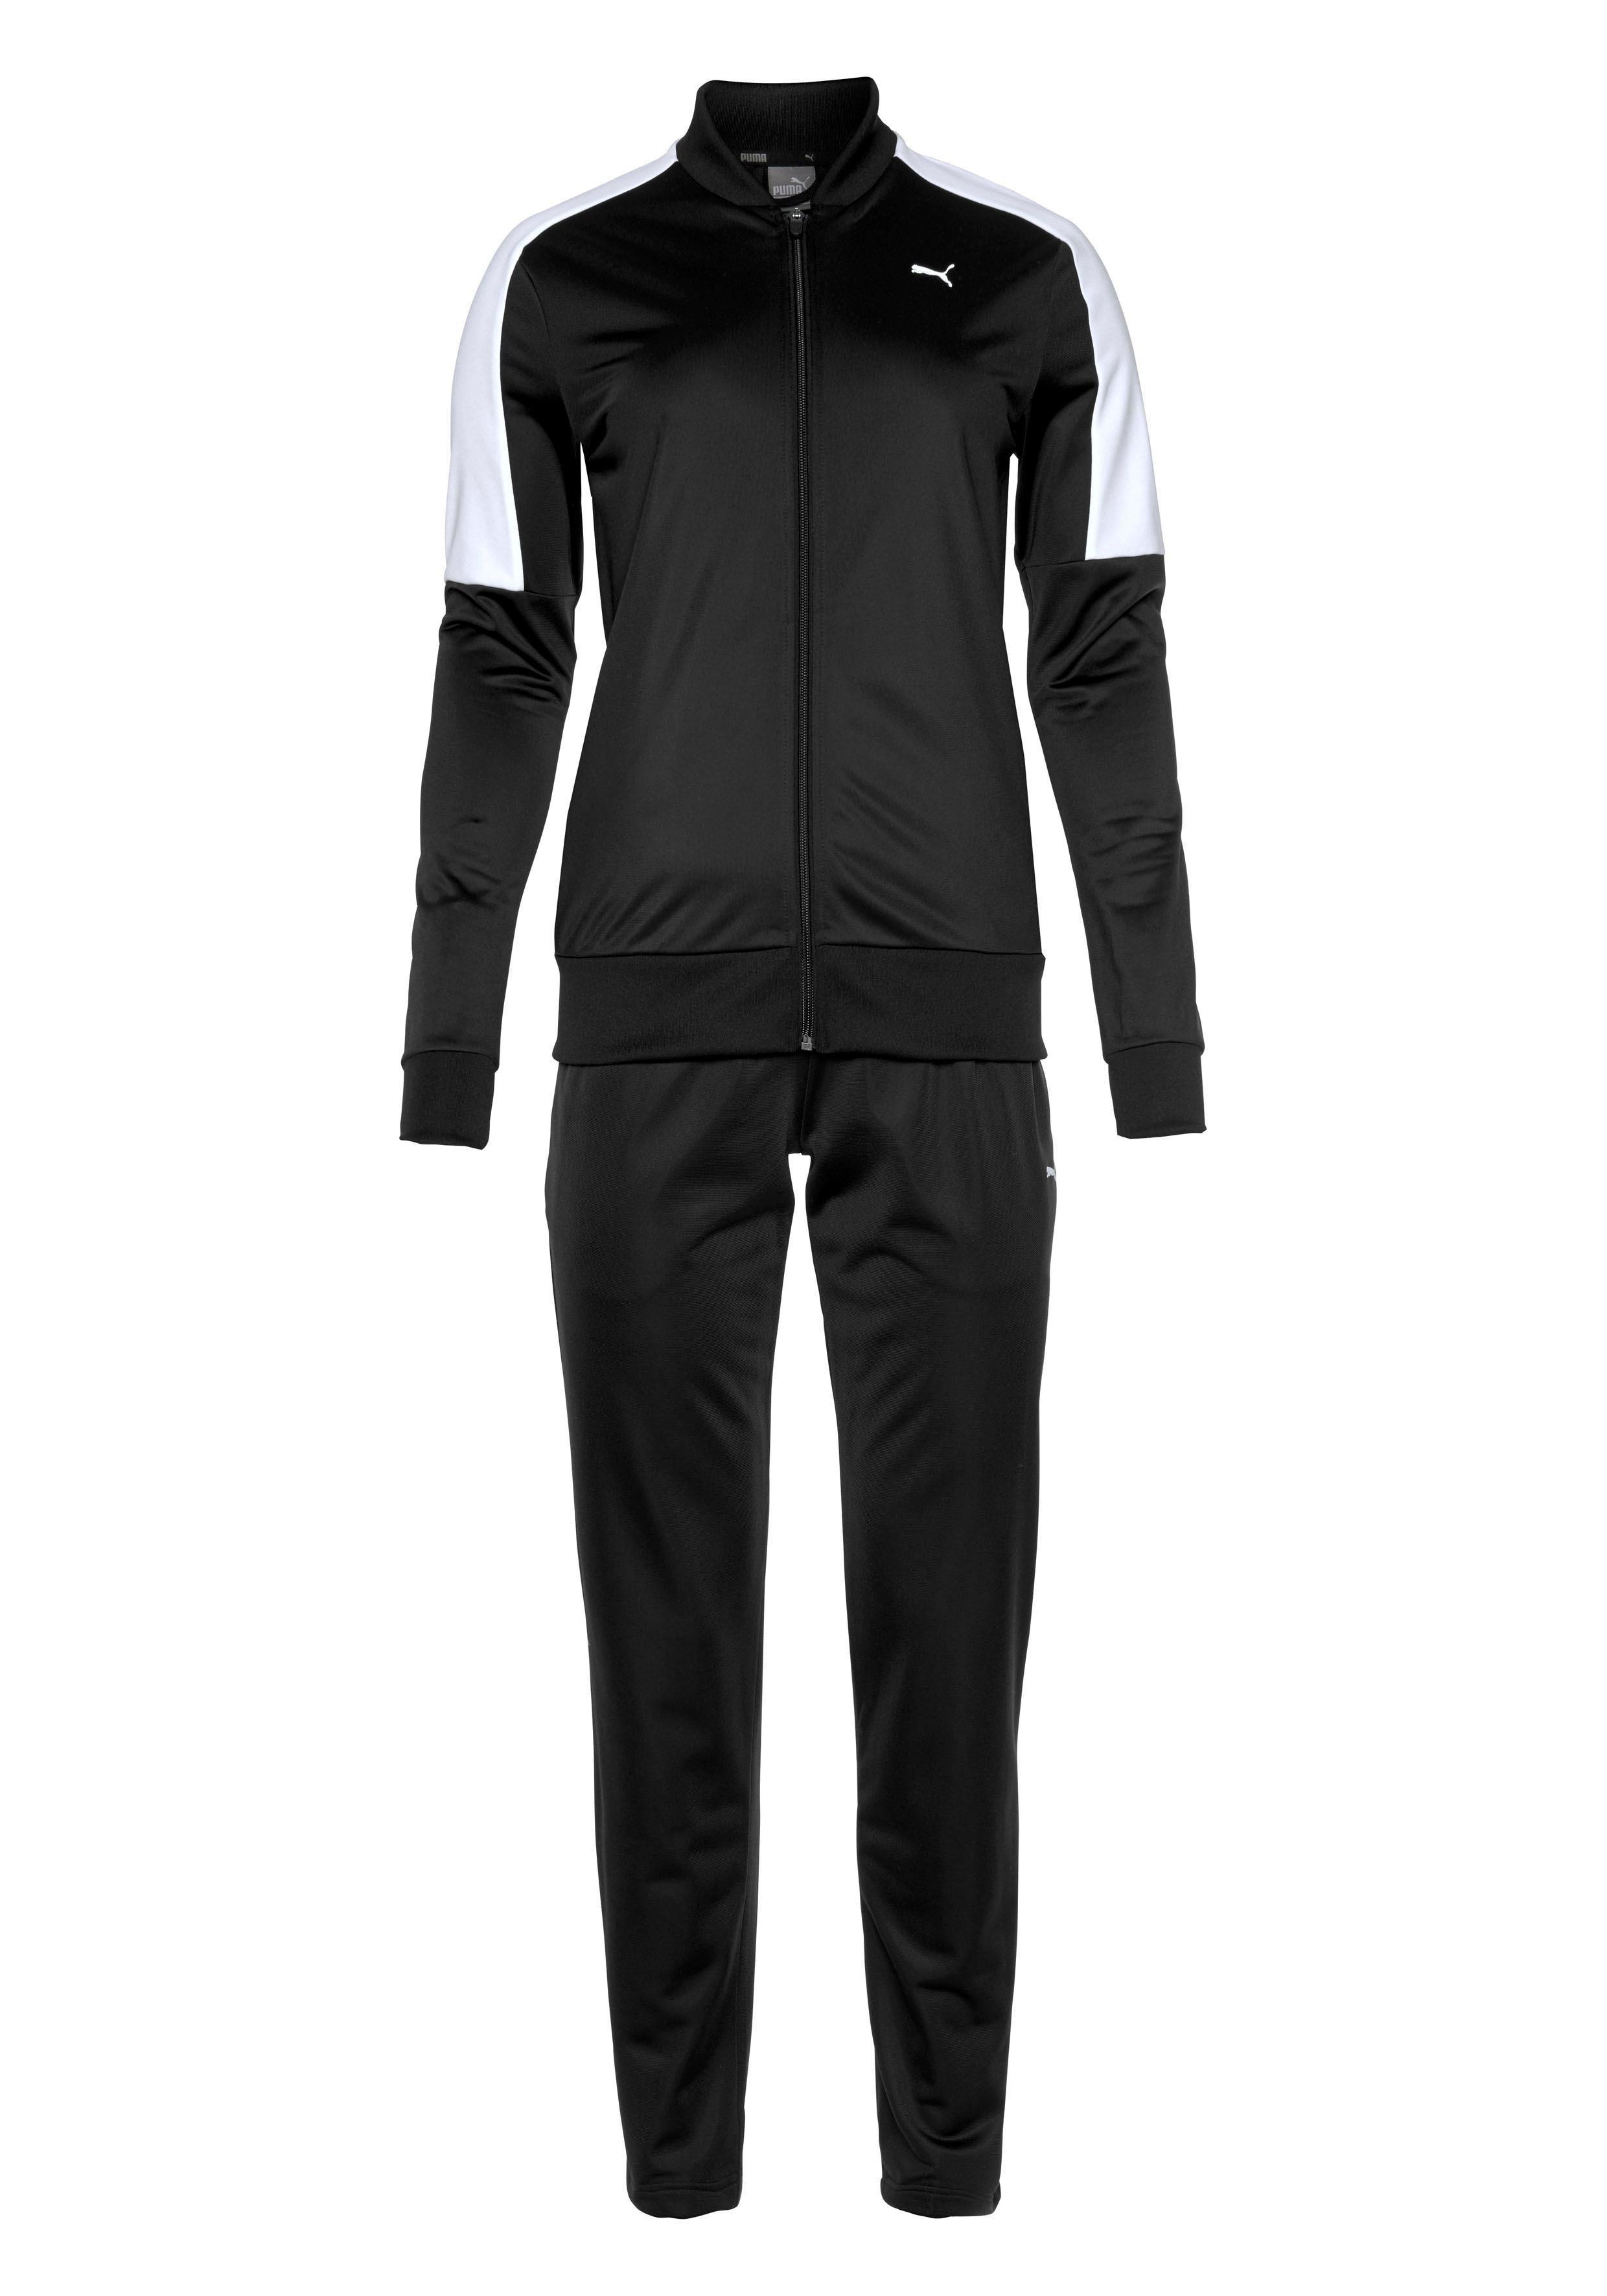 Trainingspakclean Suit Tricot Nu Bij Puma OpBestel N8wPXn0kO